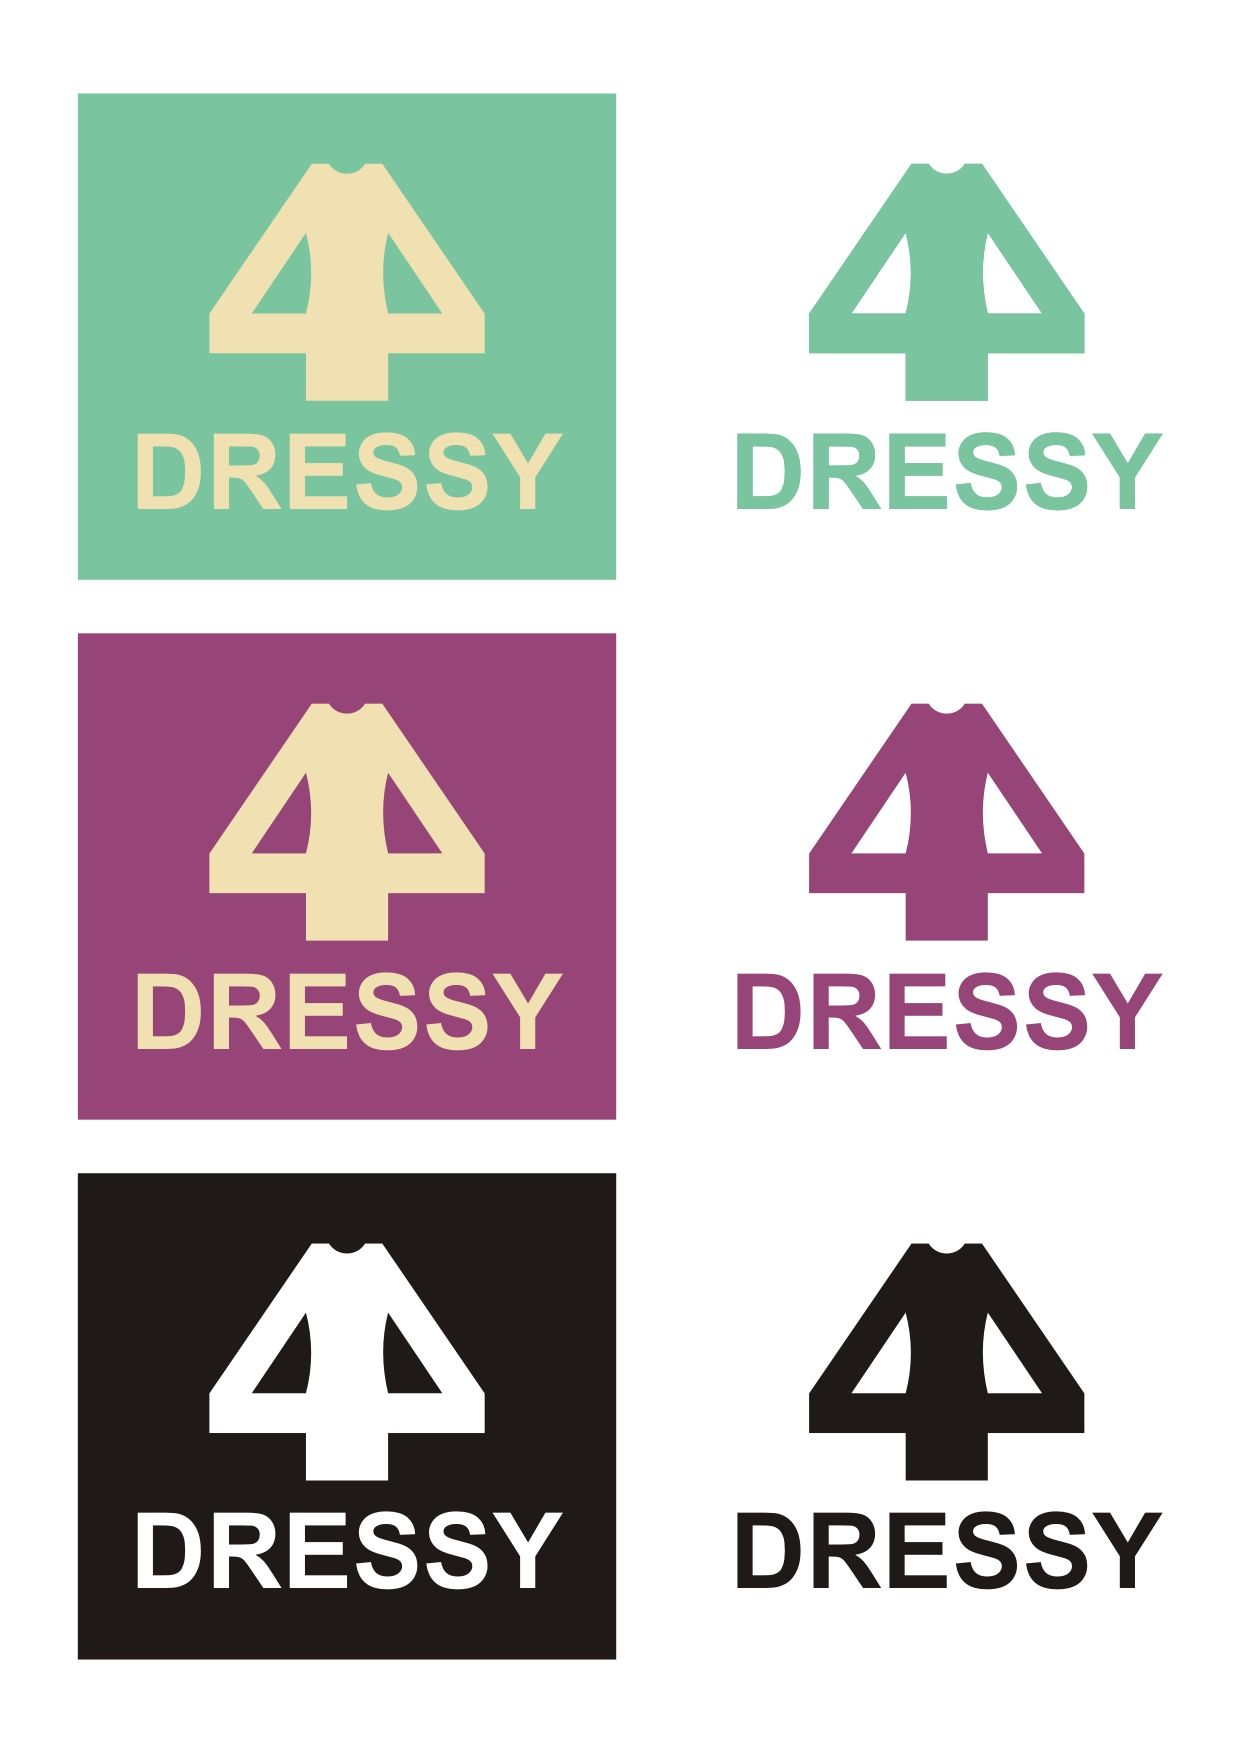 разработка логотипа _производство платьев - дизайнер uysh